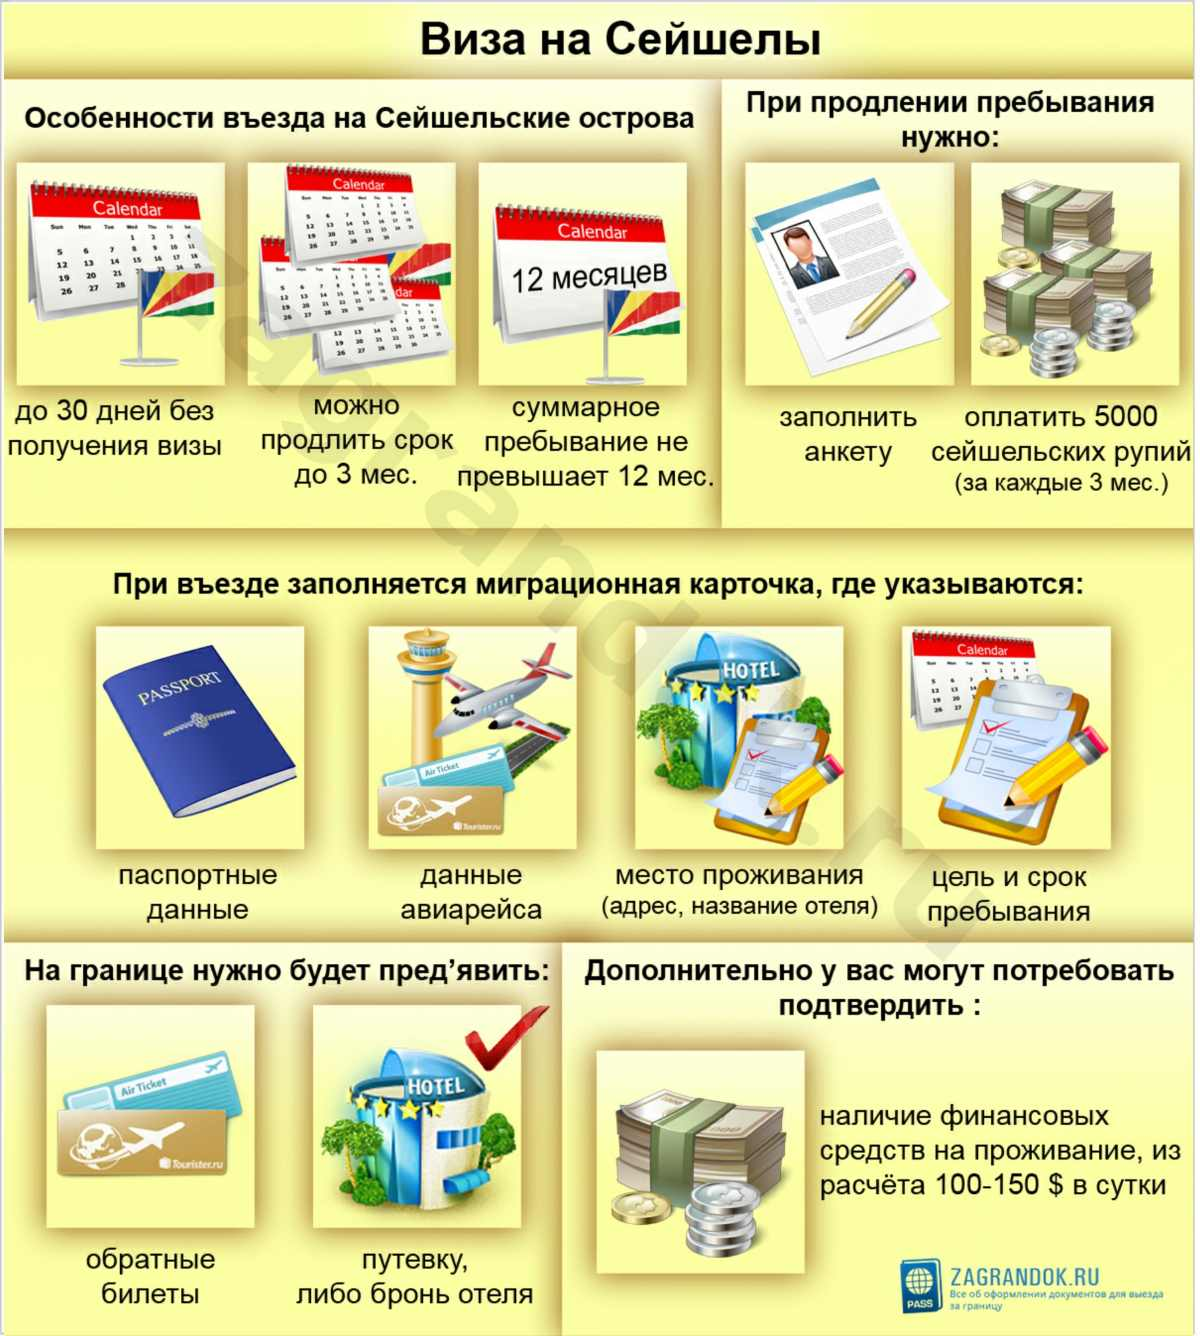 Виза на Сейшелы для россиян в 2017 году